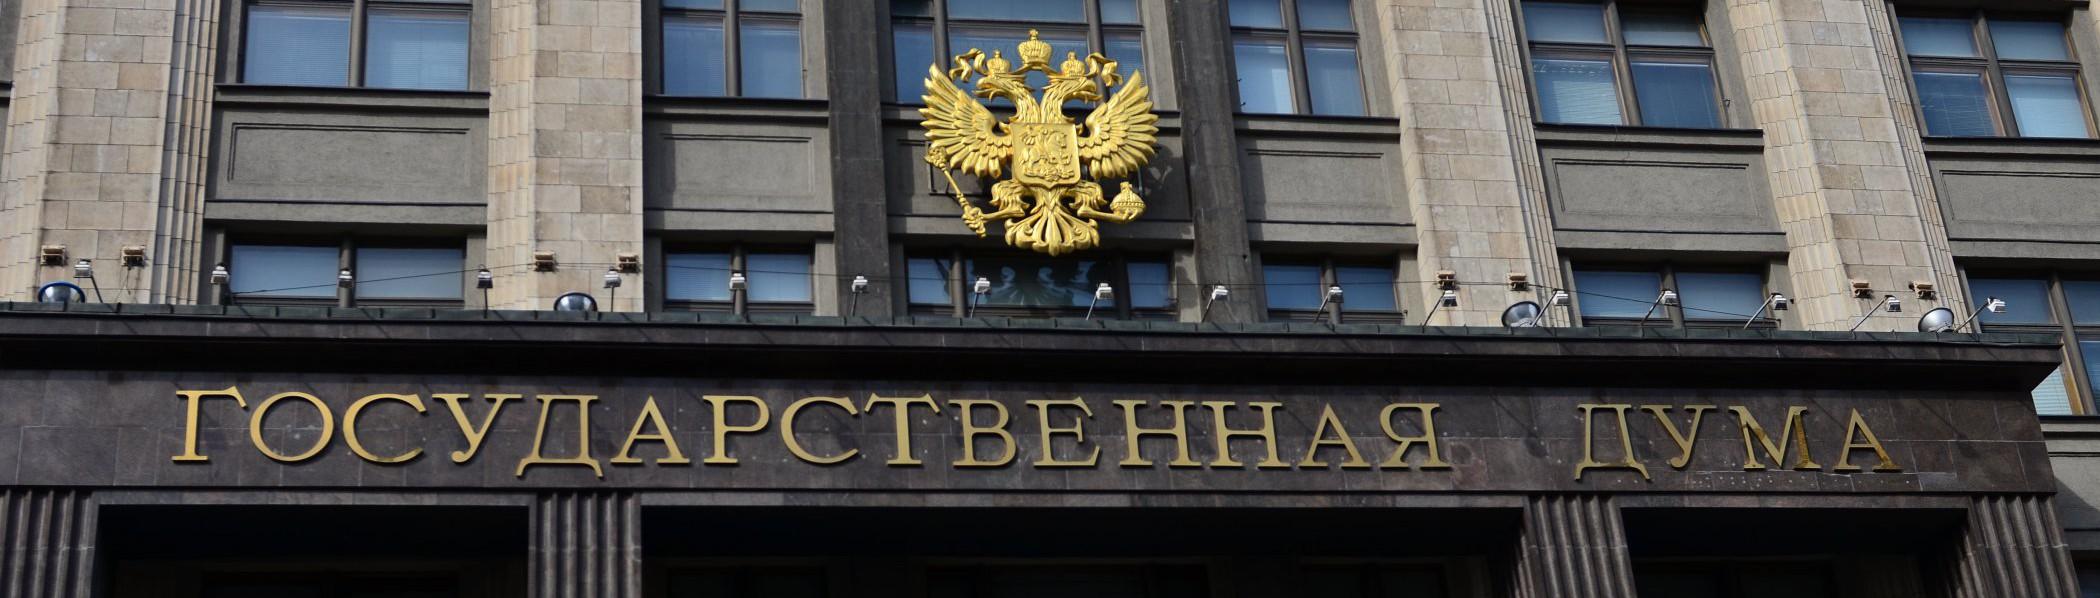 Депутаты Госдумы: работники должны участвовать в распределении доходов компании